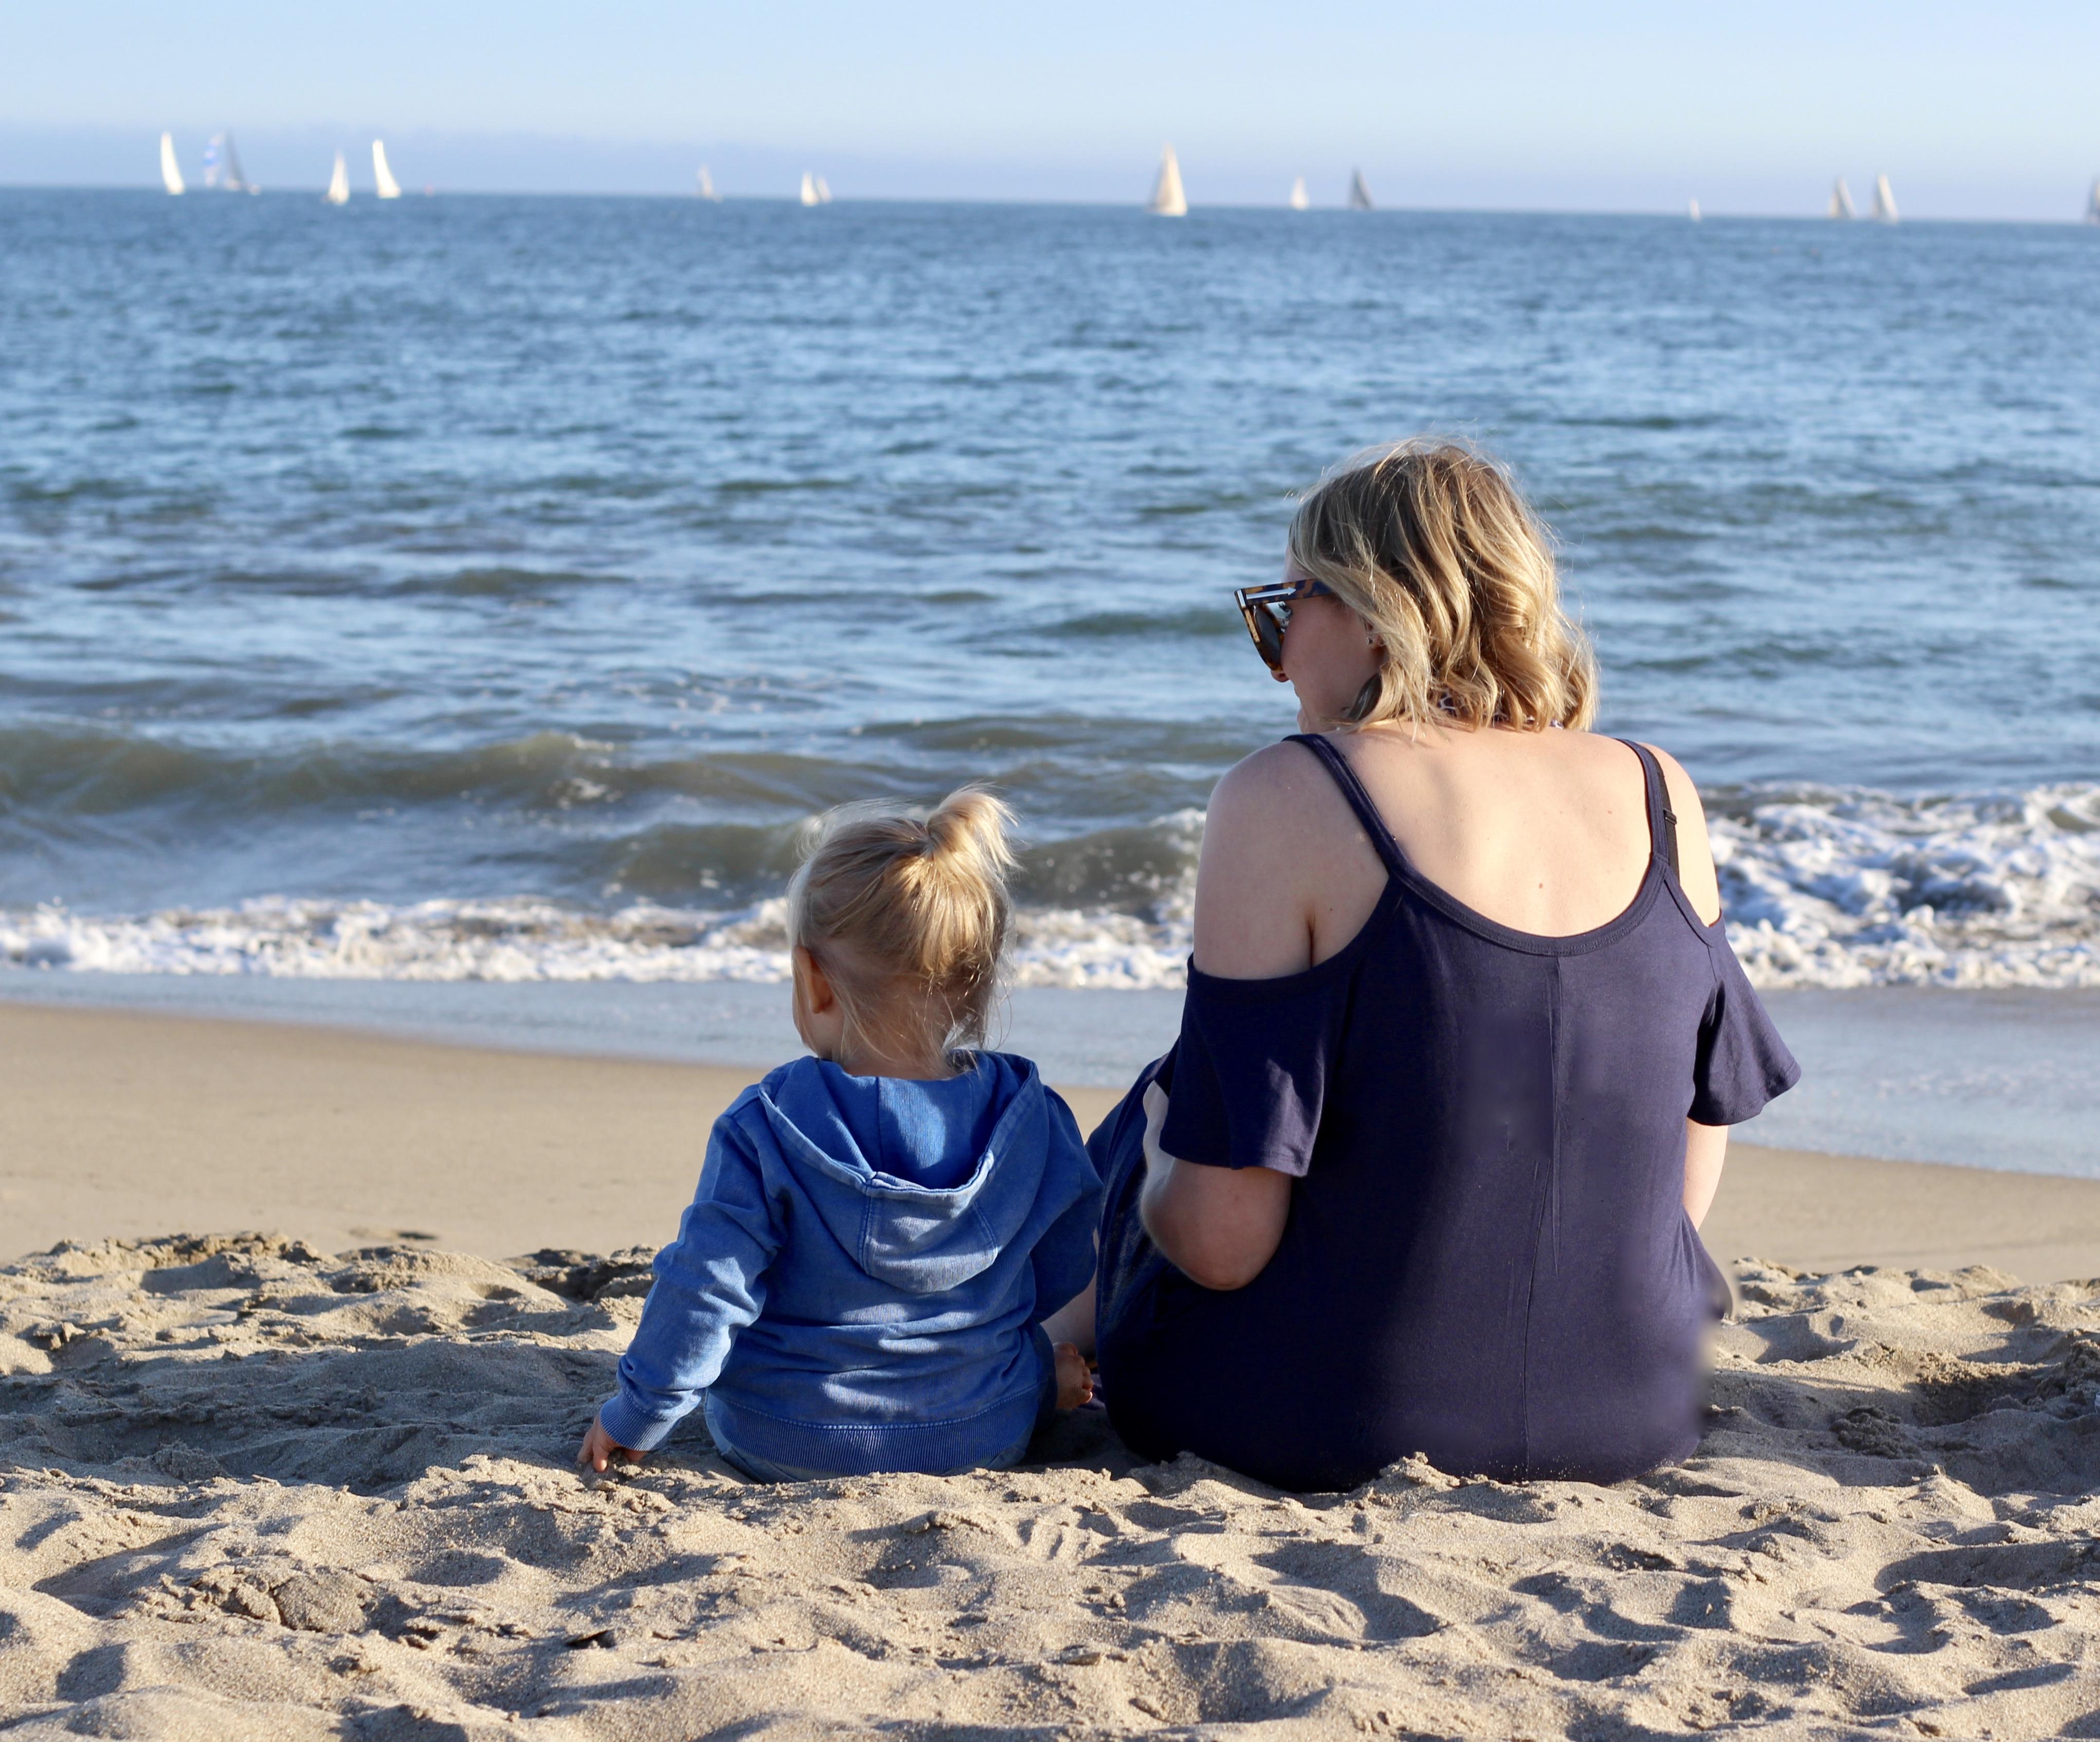 seabright state beach in santa cruz